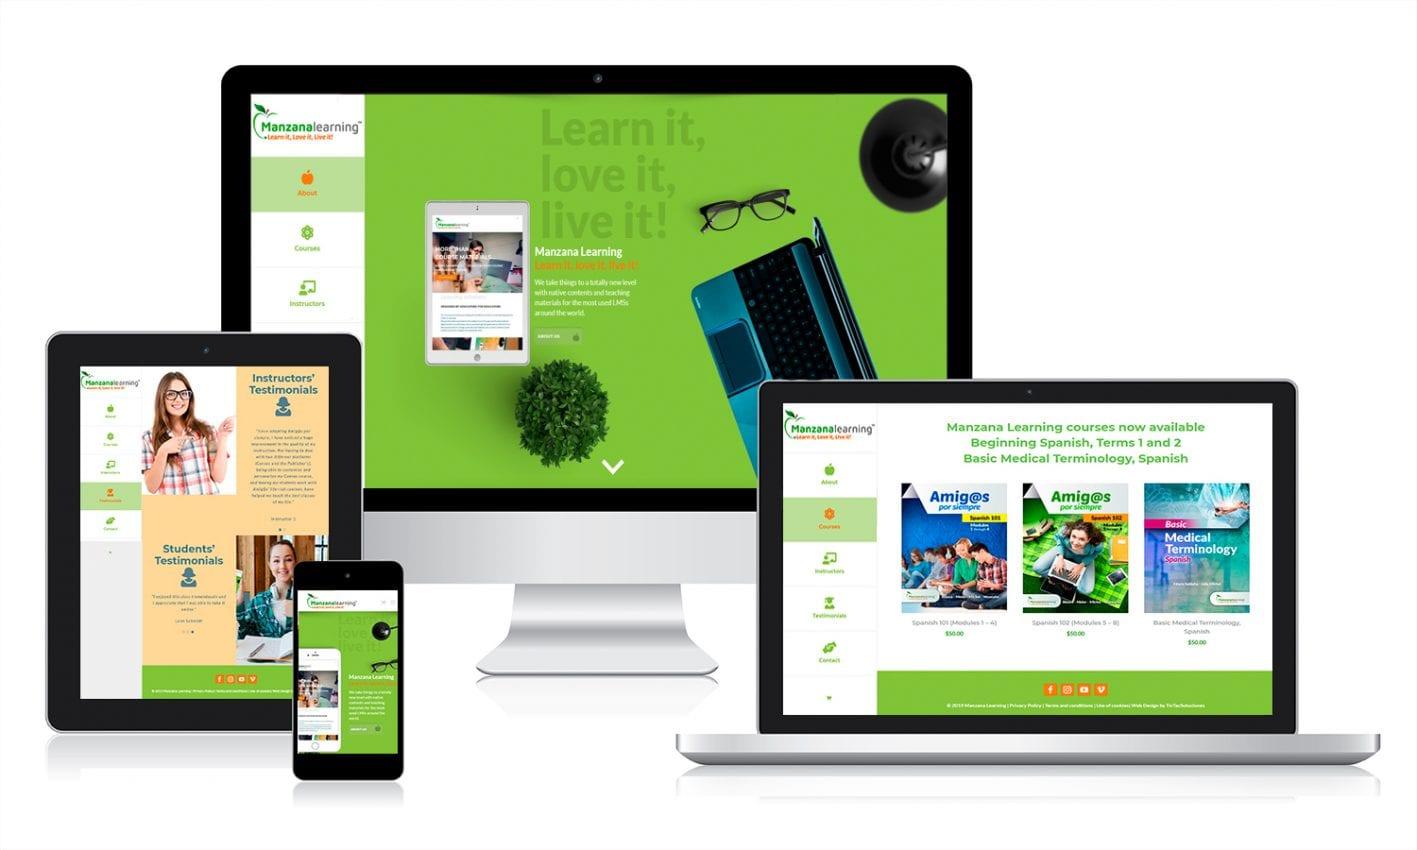 Desarrollo web con comercio electrónico para Manzana Learning